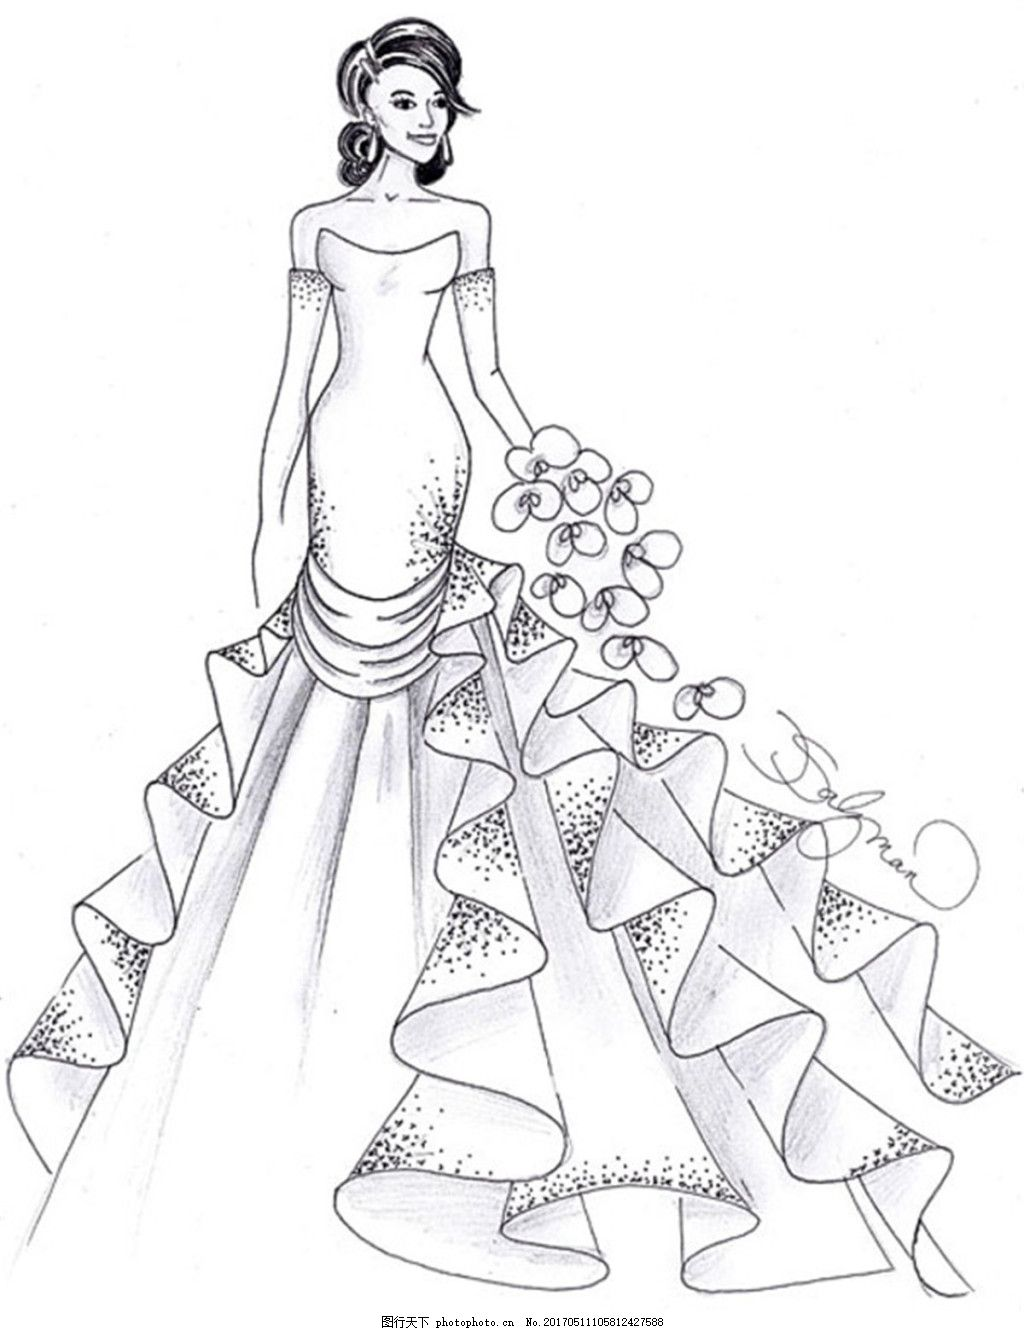 衬衫 服装图片免费下载 女装设计 服装效果图 连衣裙 长裙 婚纱 礼服